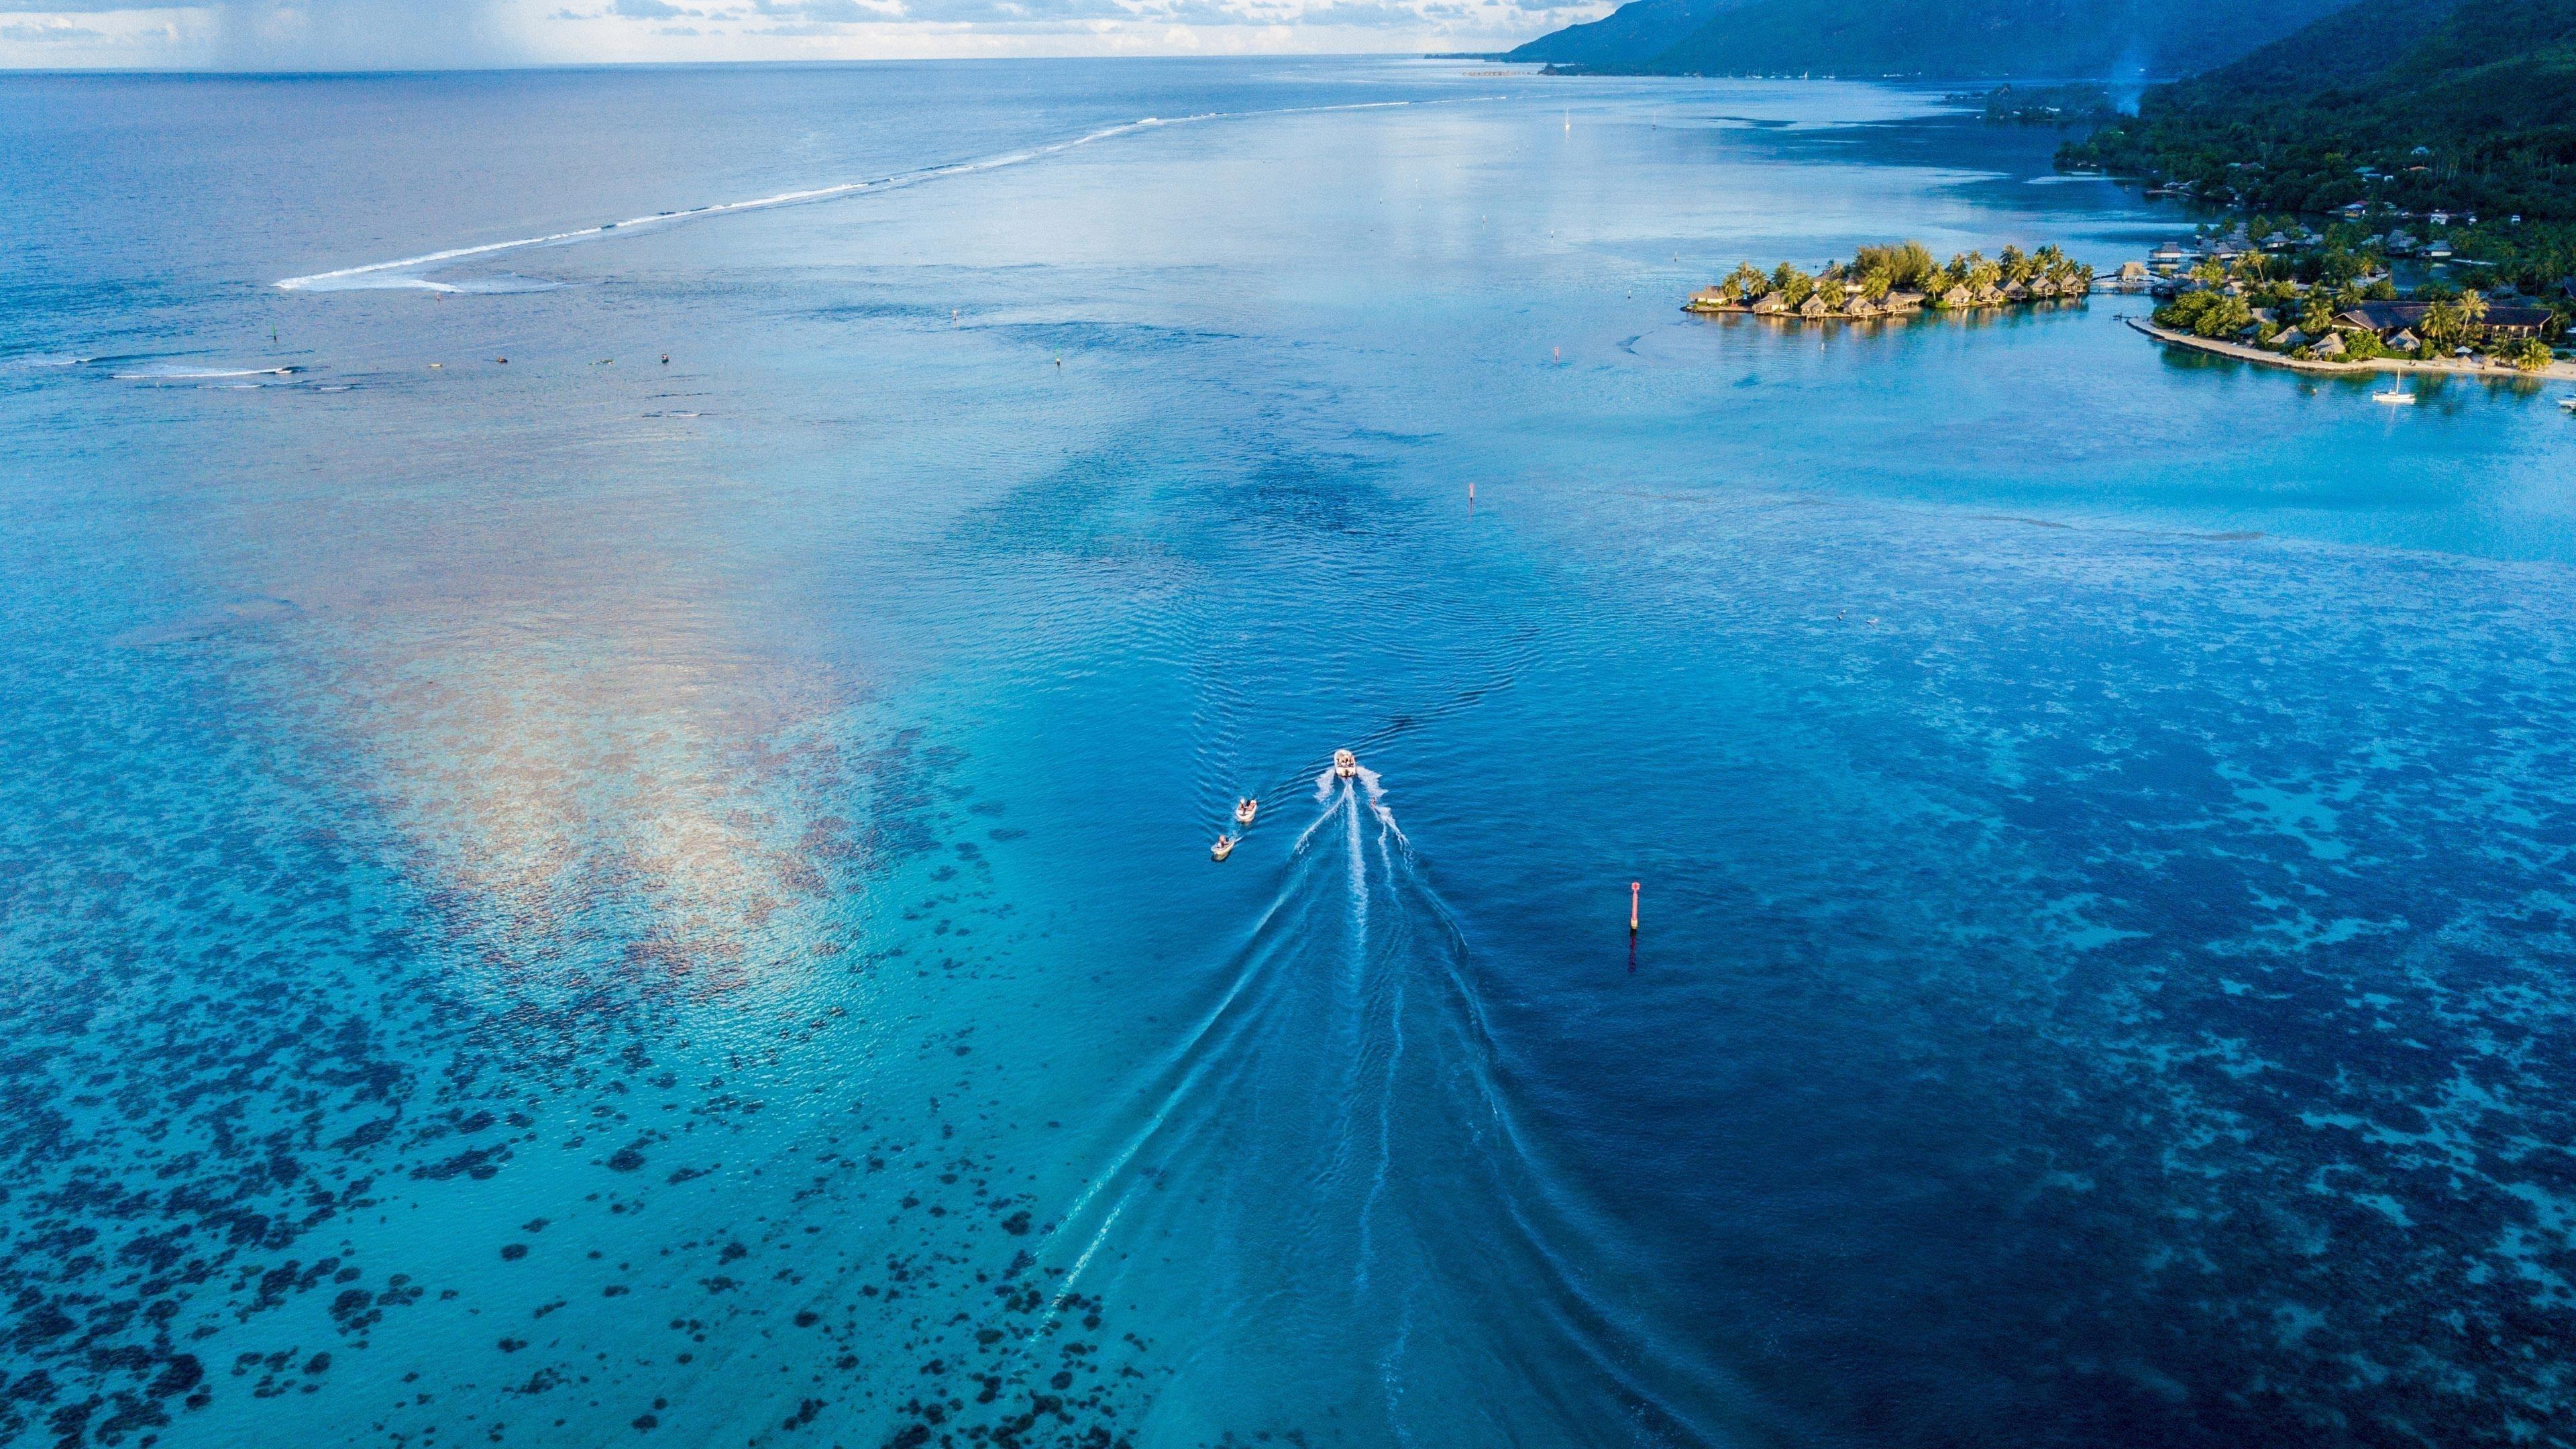 Лодка Парусный спорт вид сверху небо синее море природа обои скачать